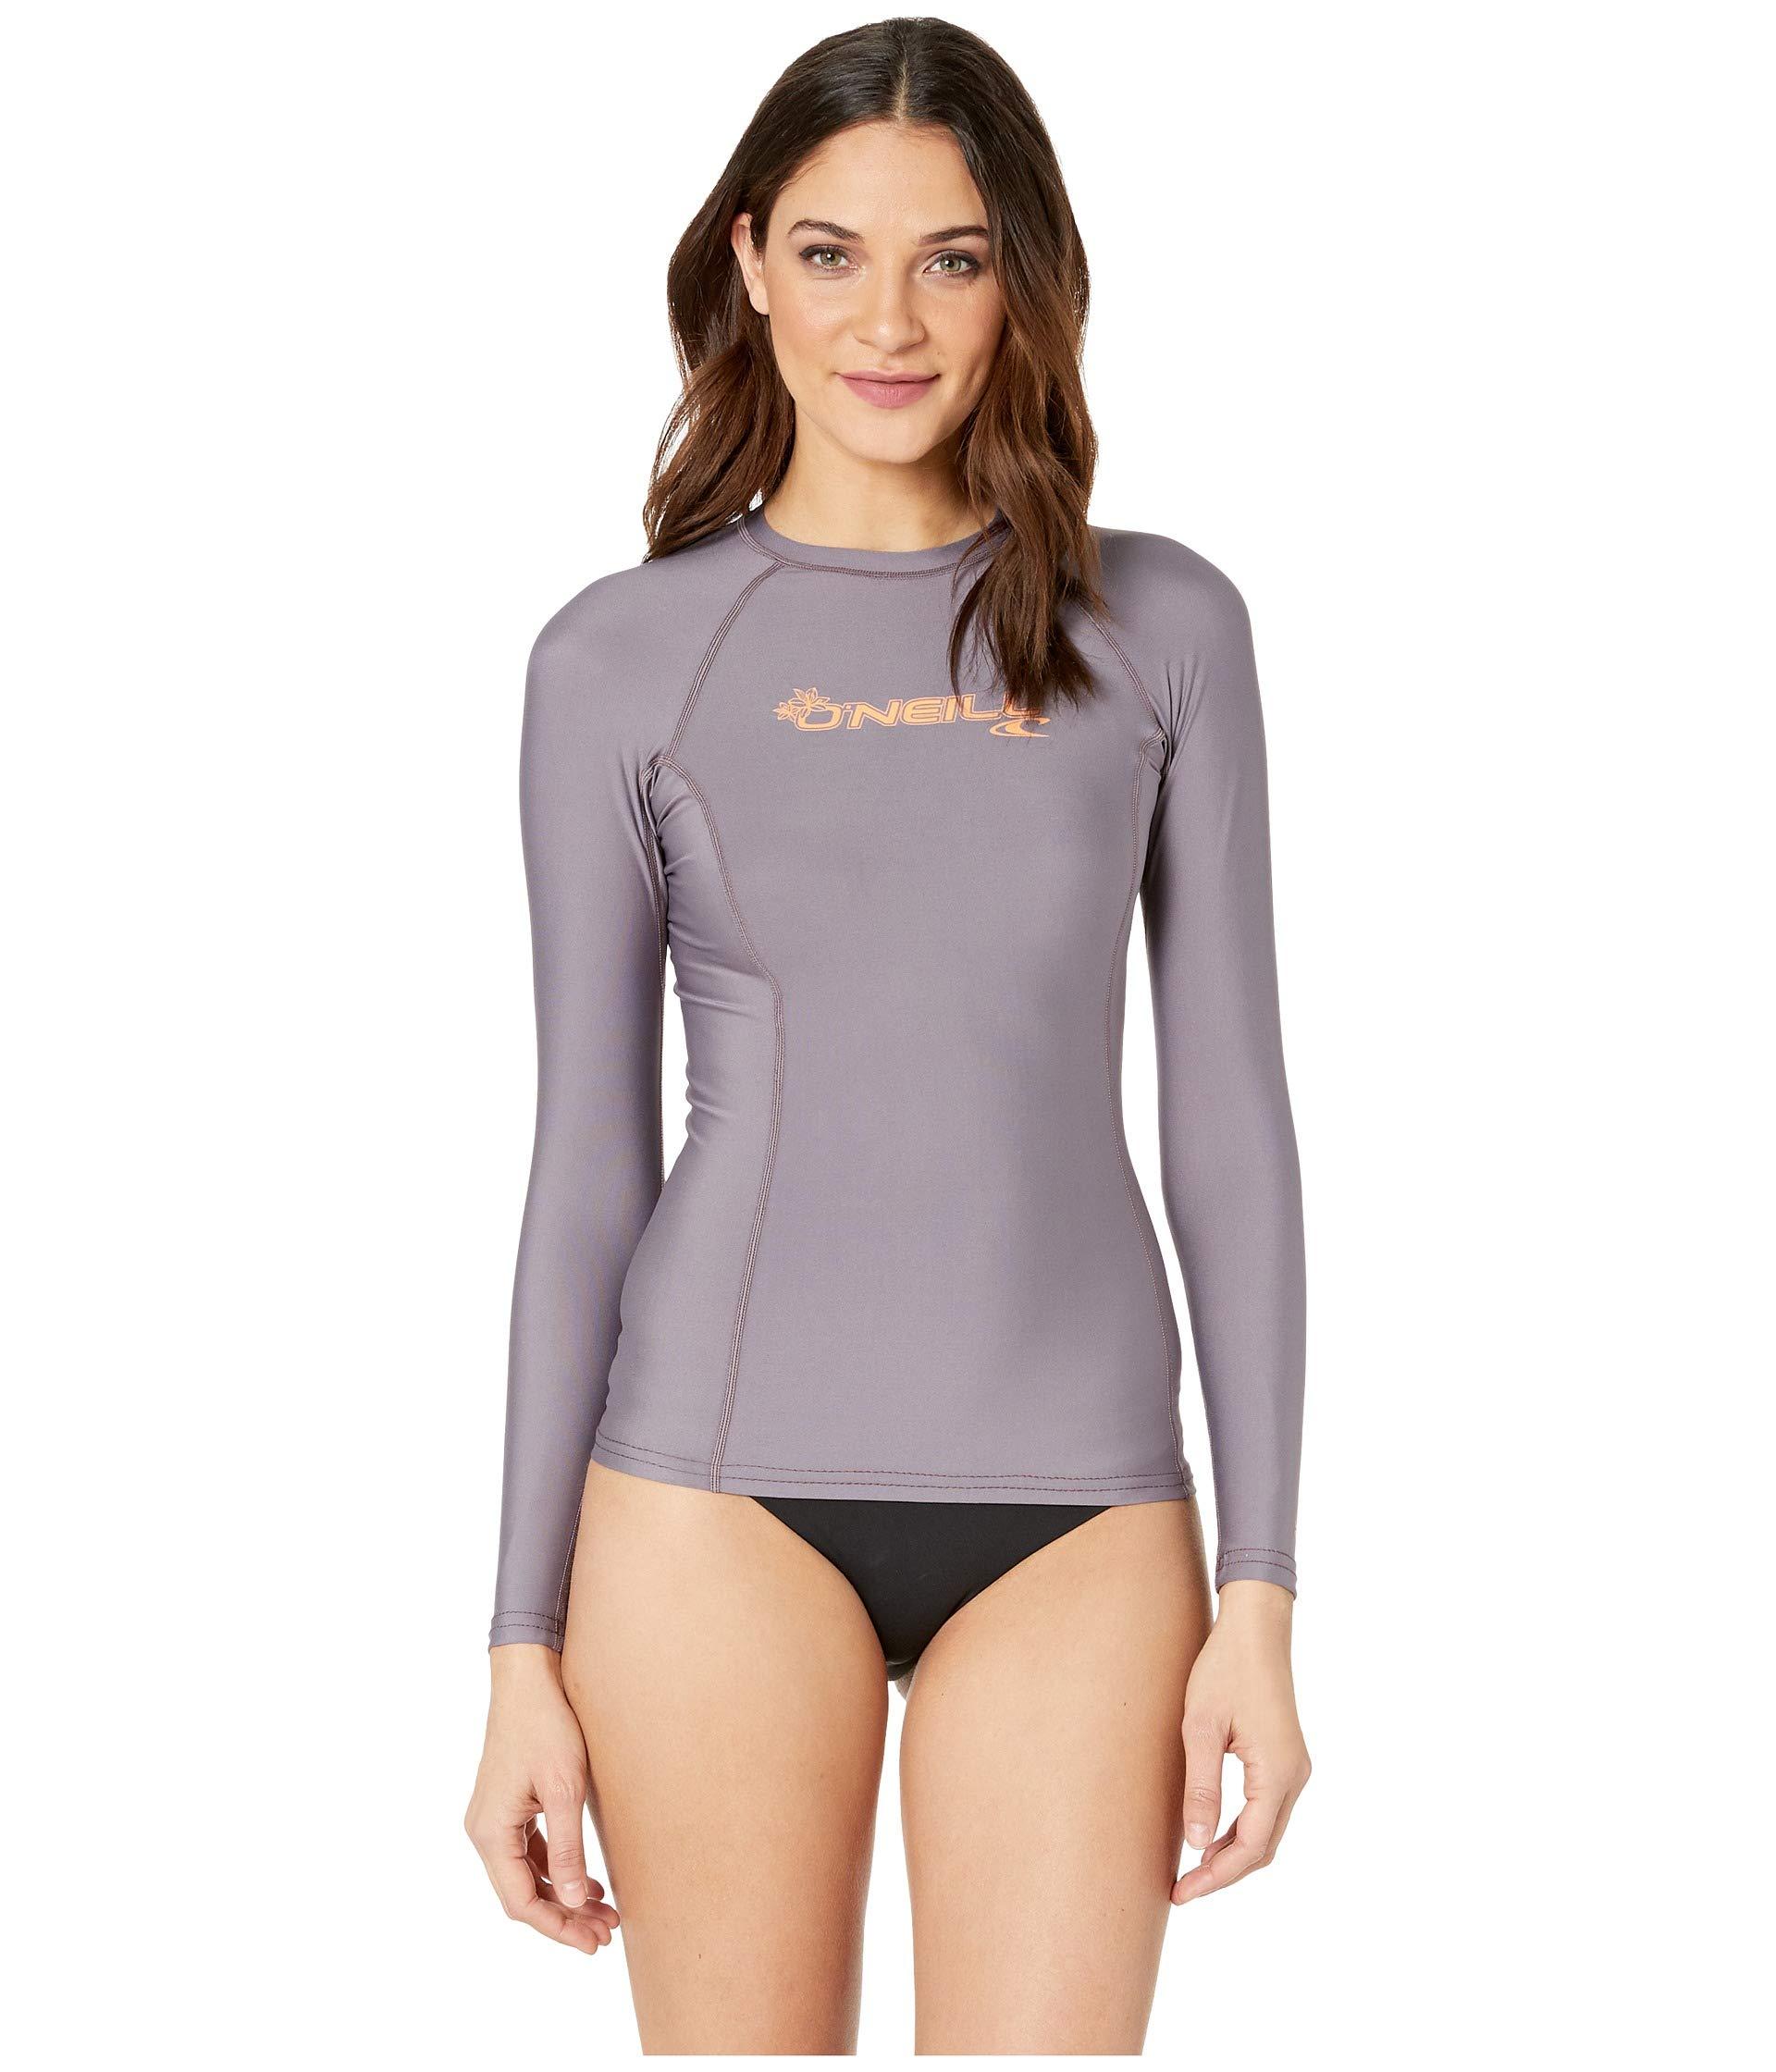 O'Neill Wetsuits Women's Basic 50+ Long Sleeve Rash Guard, Dusk, Large